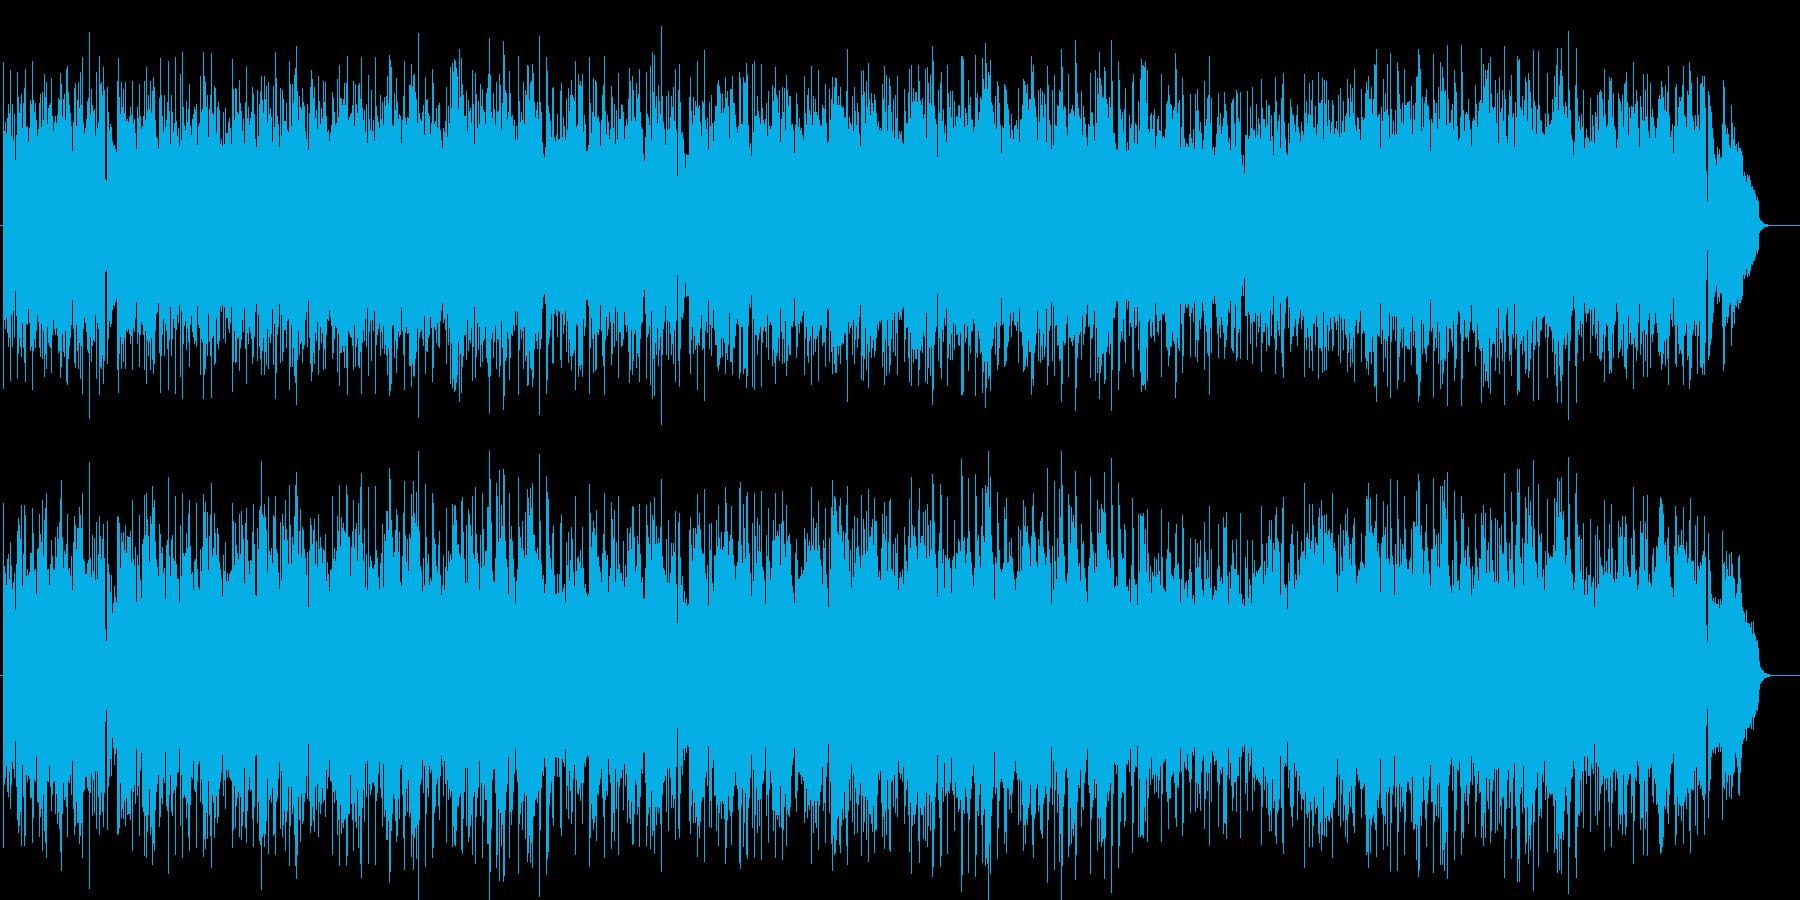 午後のまどろみの豪華なムードポップスの再生済みの波形